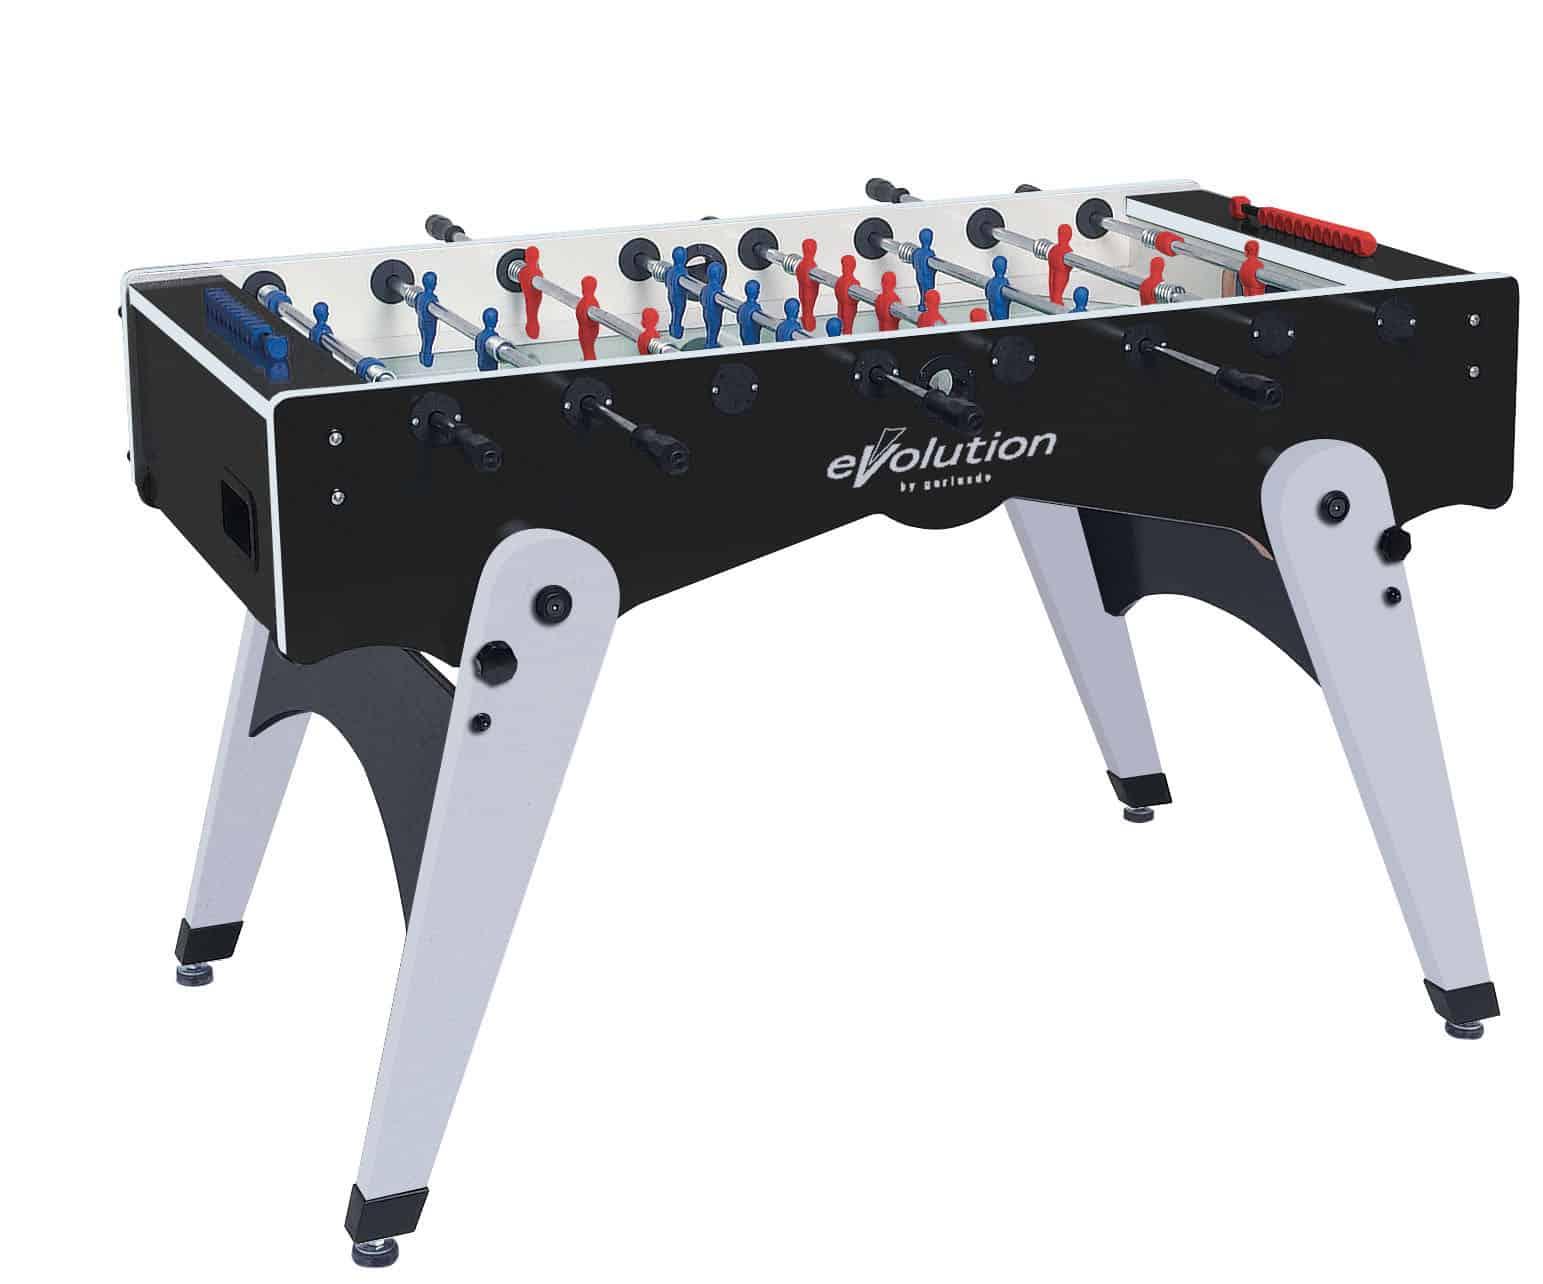 Garlando Foldy Evolution Table Football Table